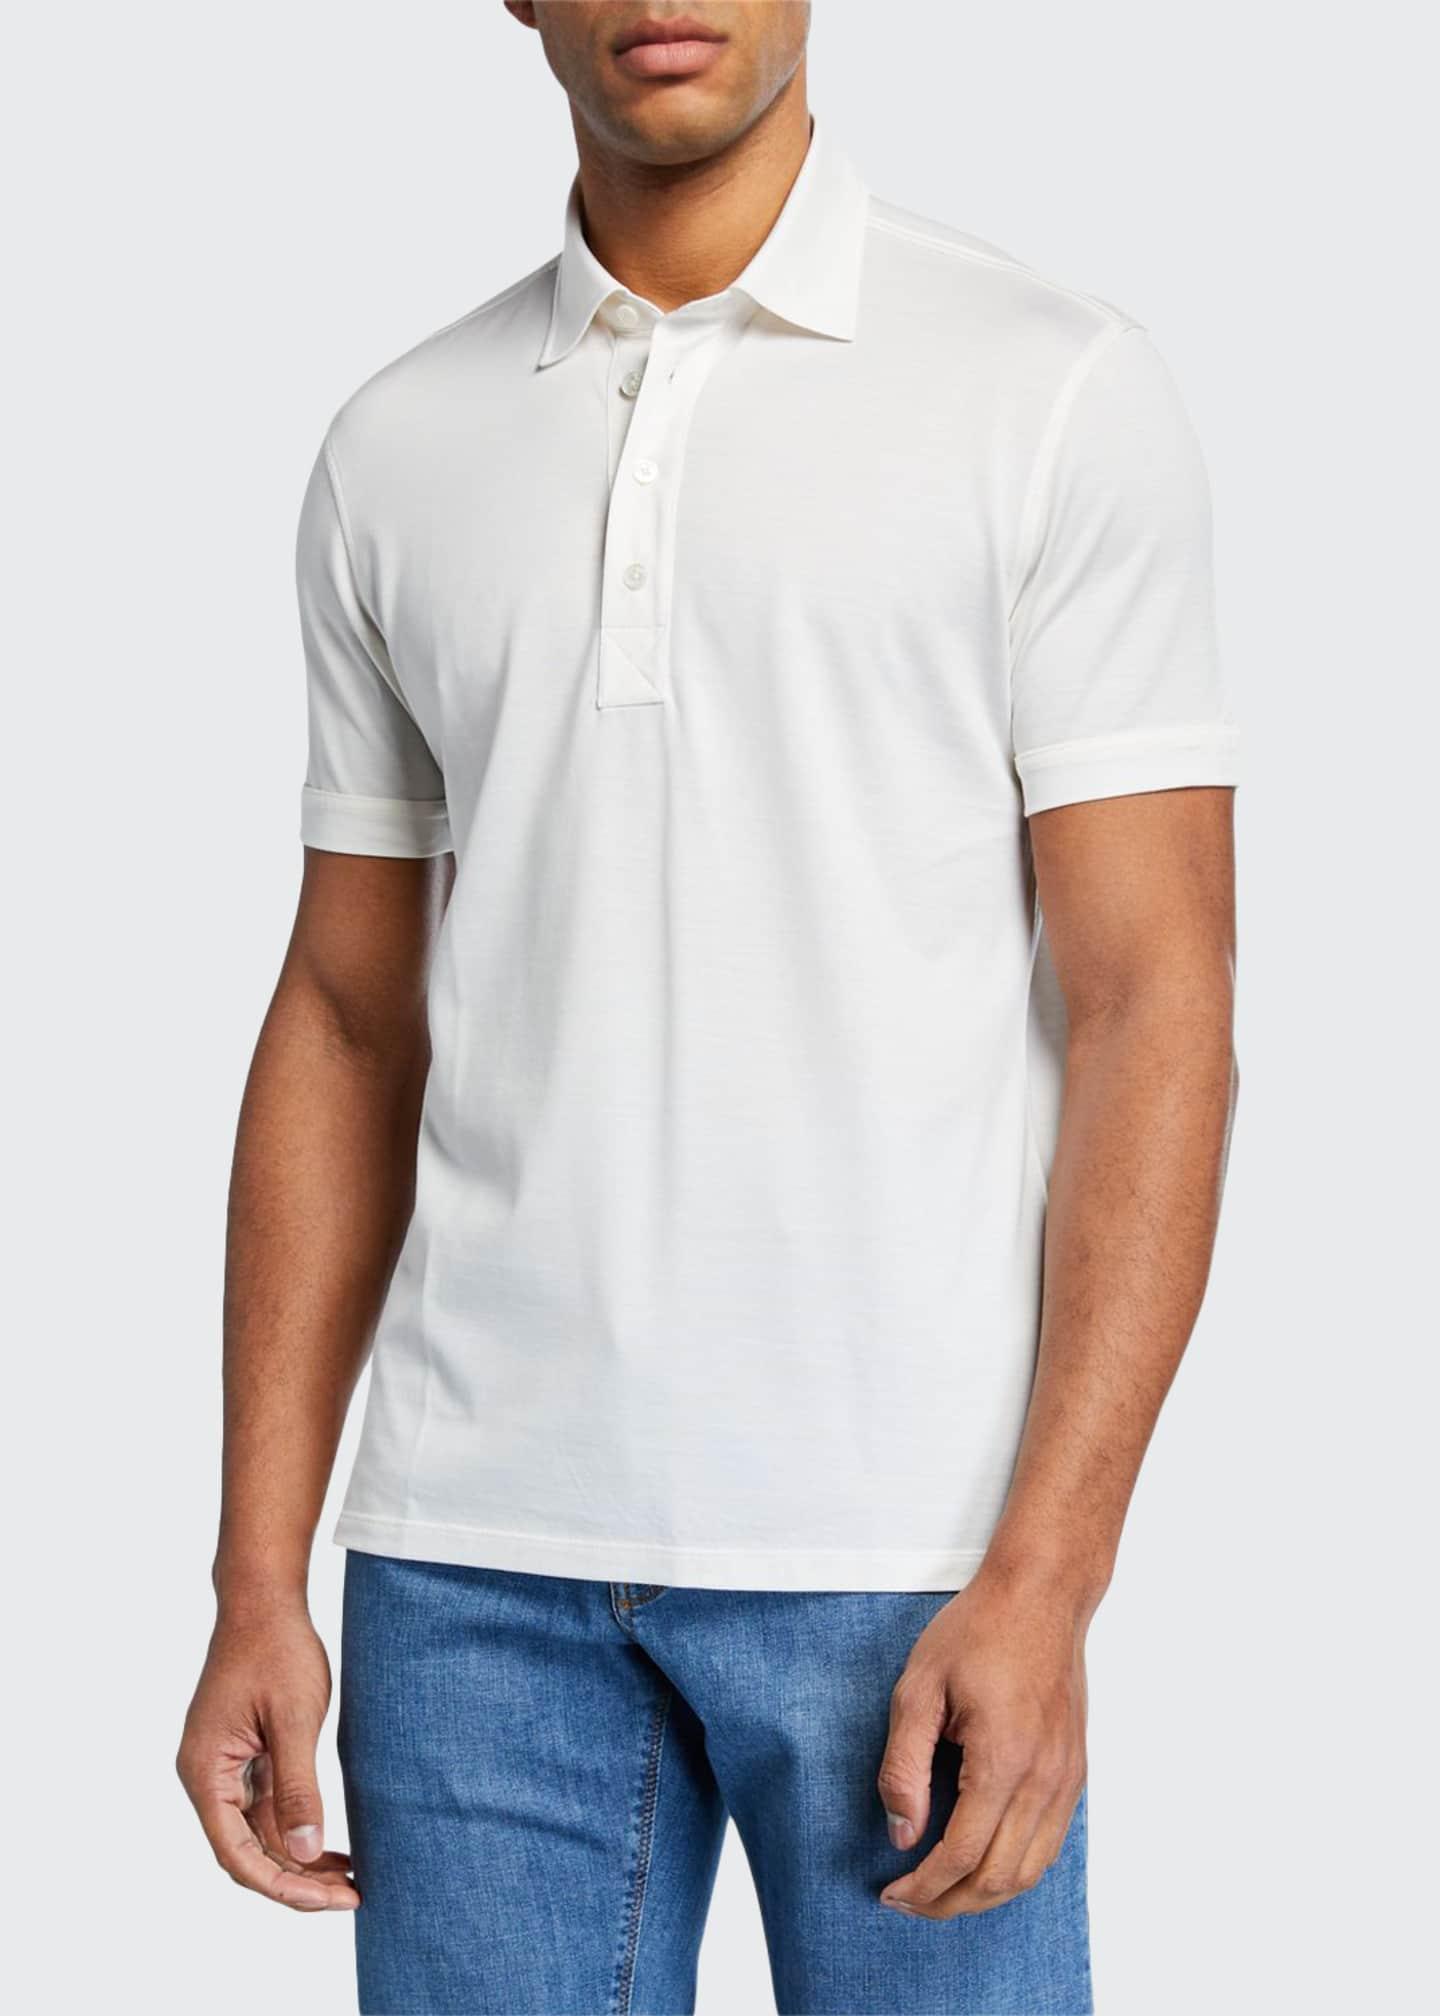 Ermenegildo Zegna Men's Leggerissimo Cotton Polo Shirt, White